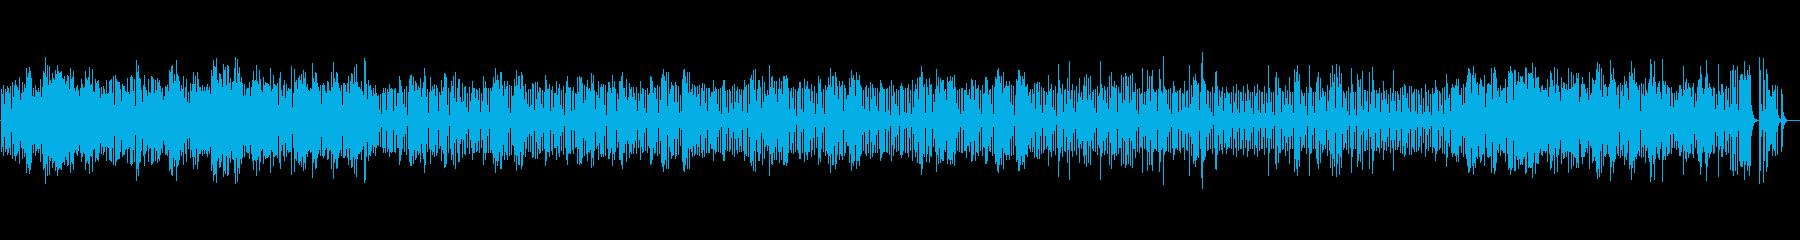 ショパン夜想曲1番のオルゴールの再生済みの波形